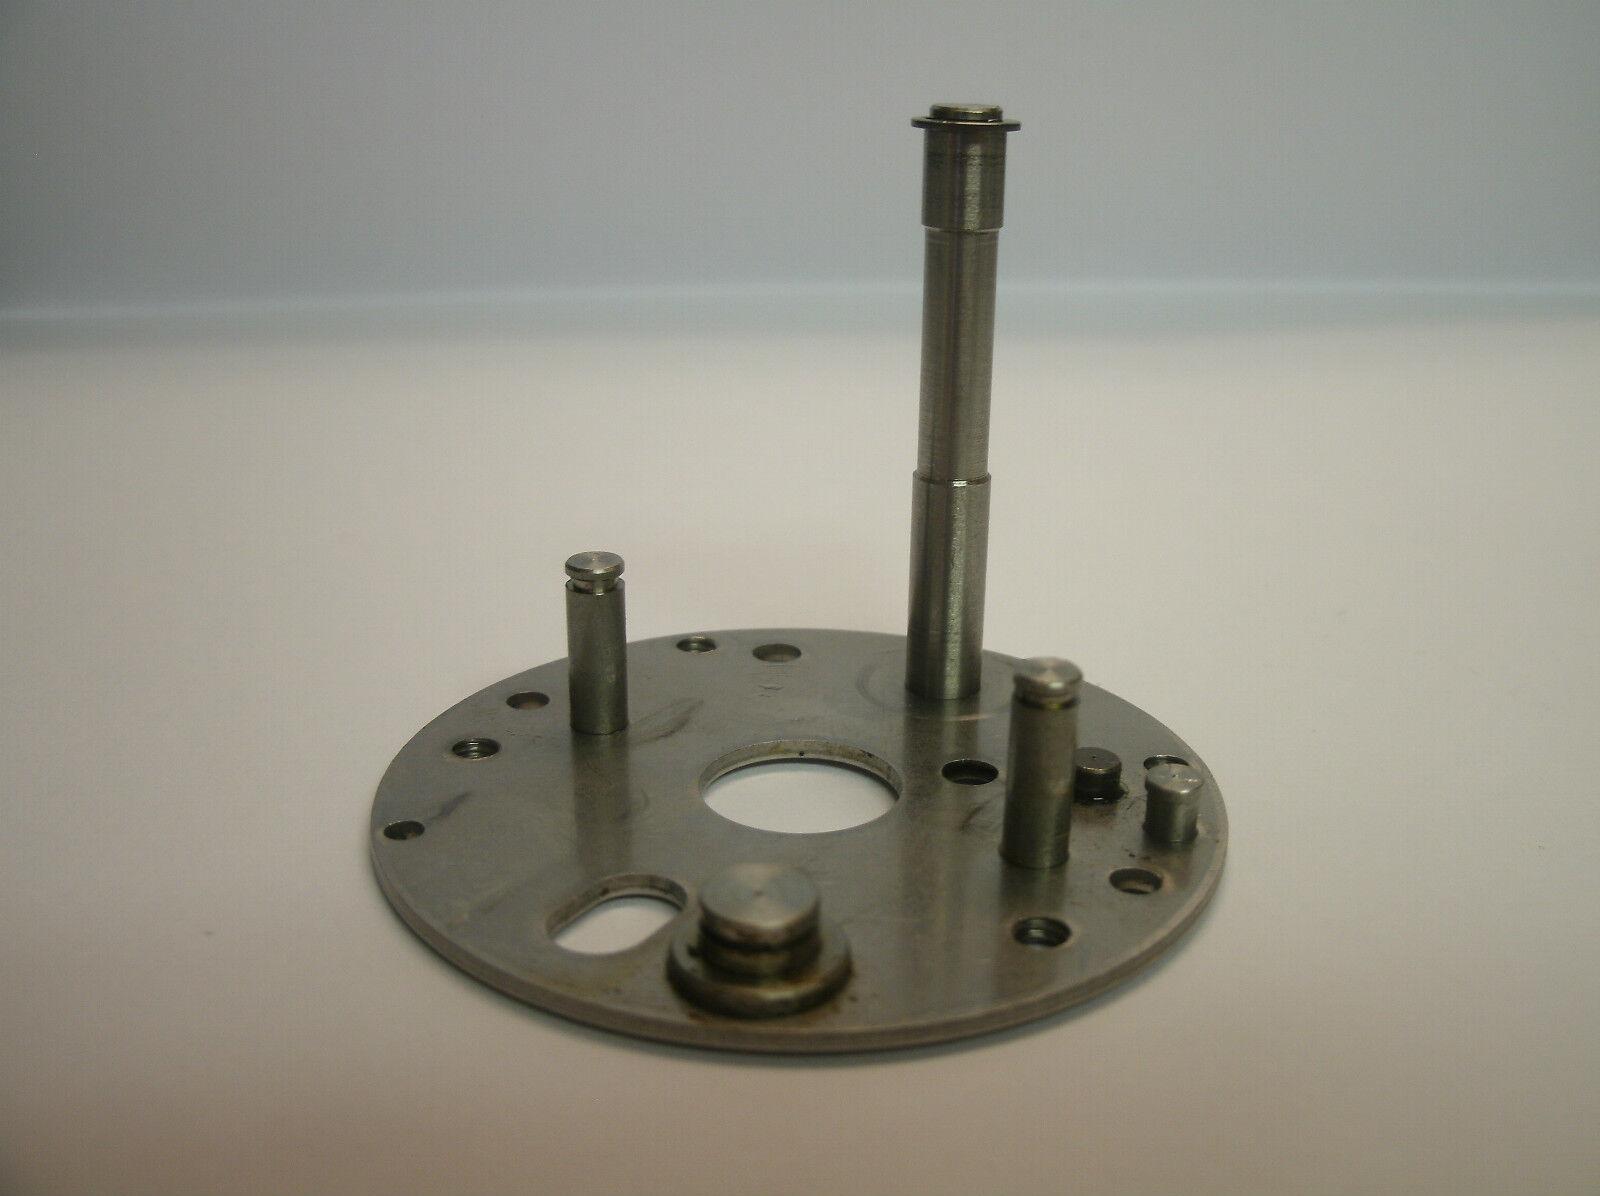 Usada Newell Big Juego Reel parte-C-332 5-Puente-Lote un